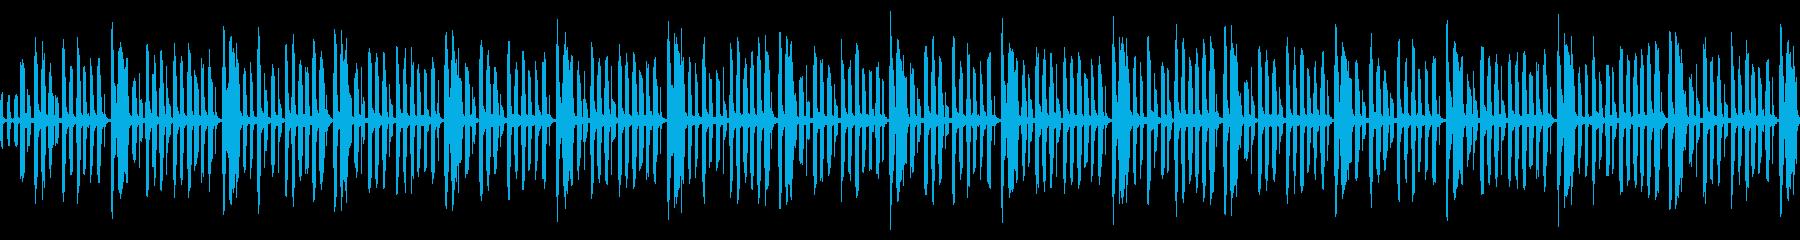 カワイイほんわかな雰囲気でおもちゃ的な曲の再生済みの波形